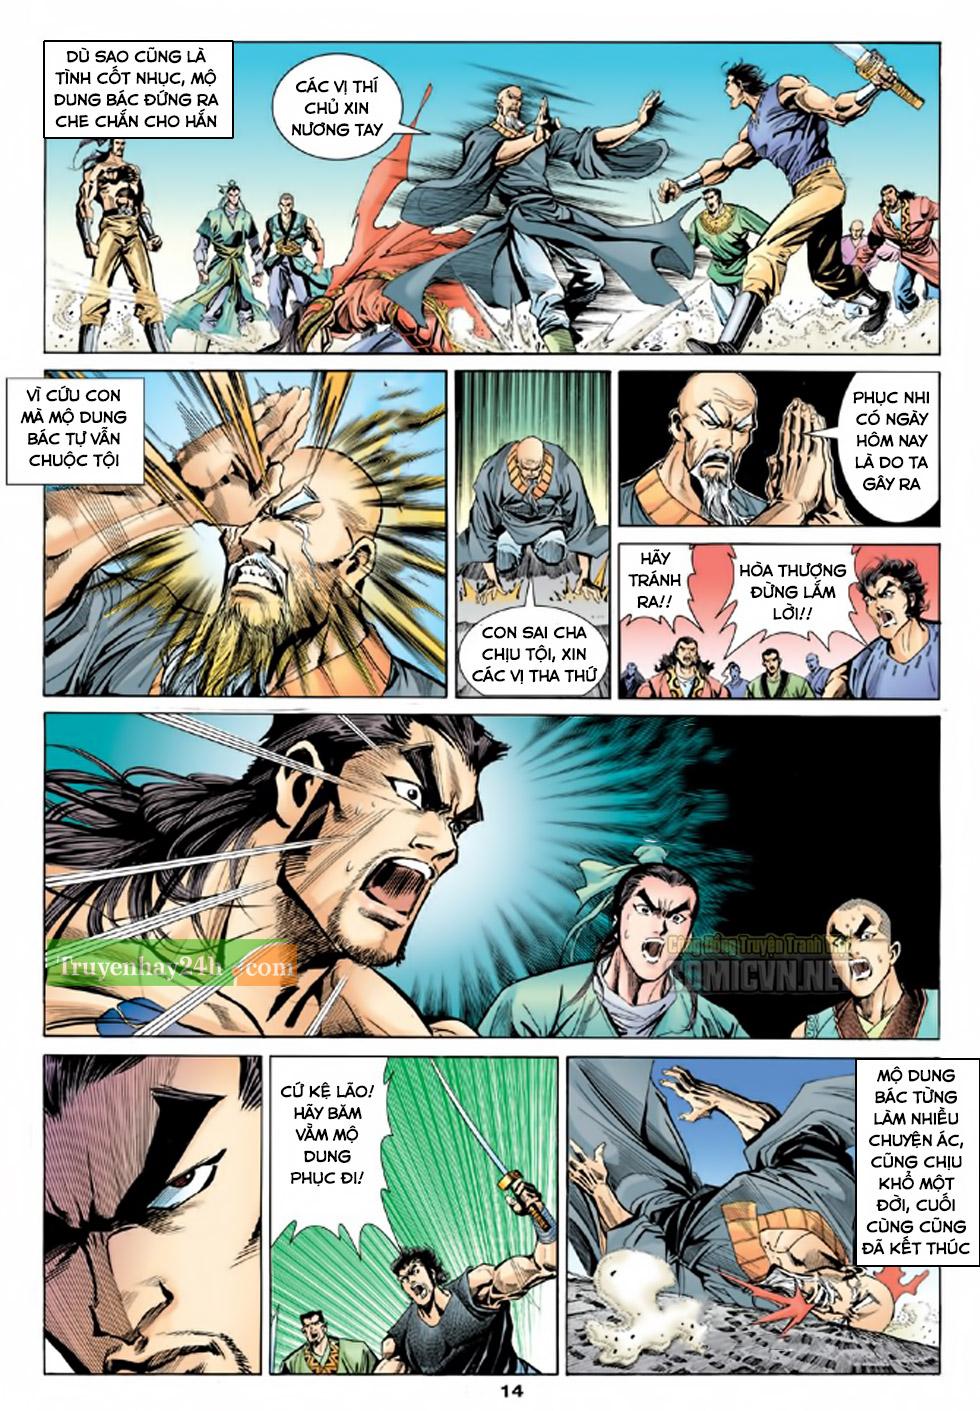 Thiên Long Bát Bộ chap 100 – End Trang 15 - Mangak.info